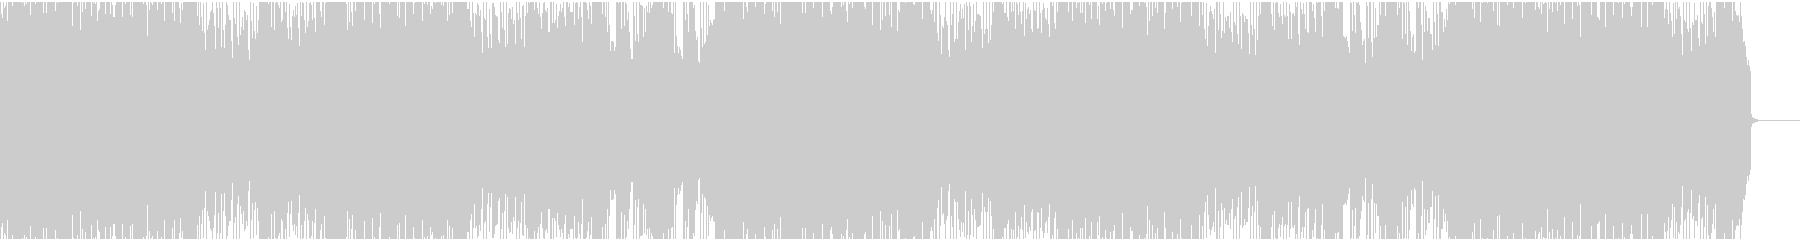 和風ハードロックのインストの未再生の波形